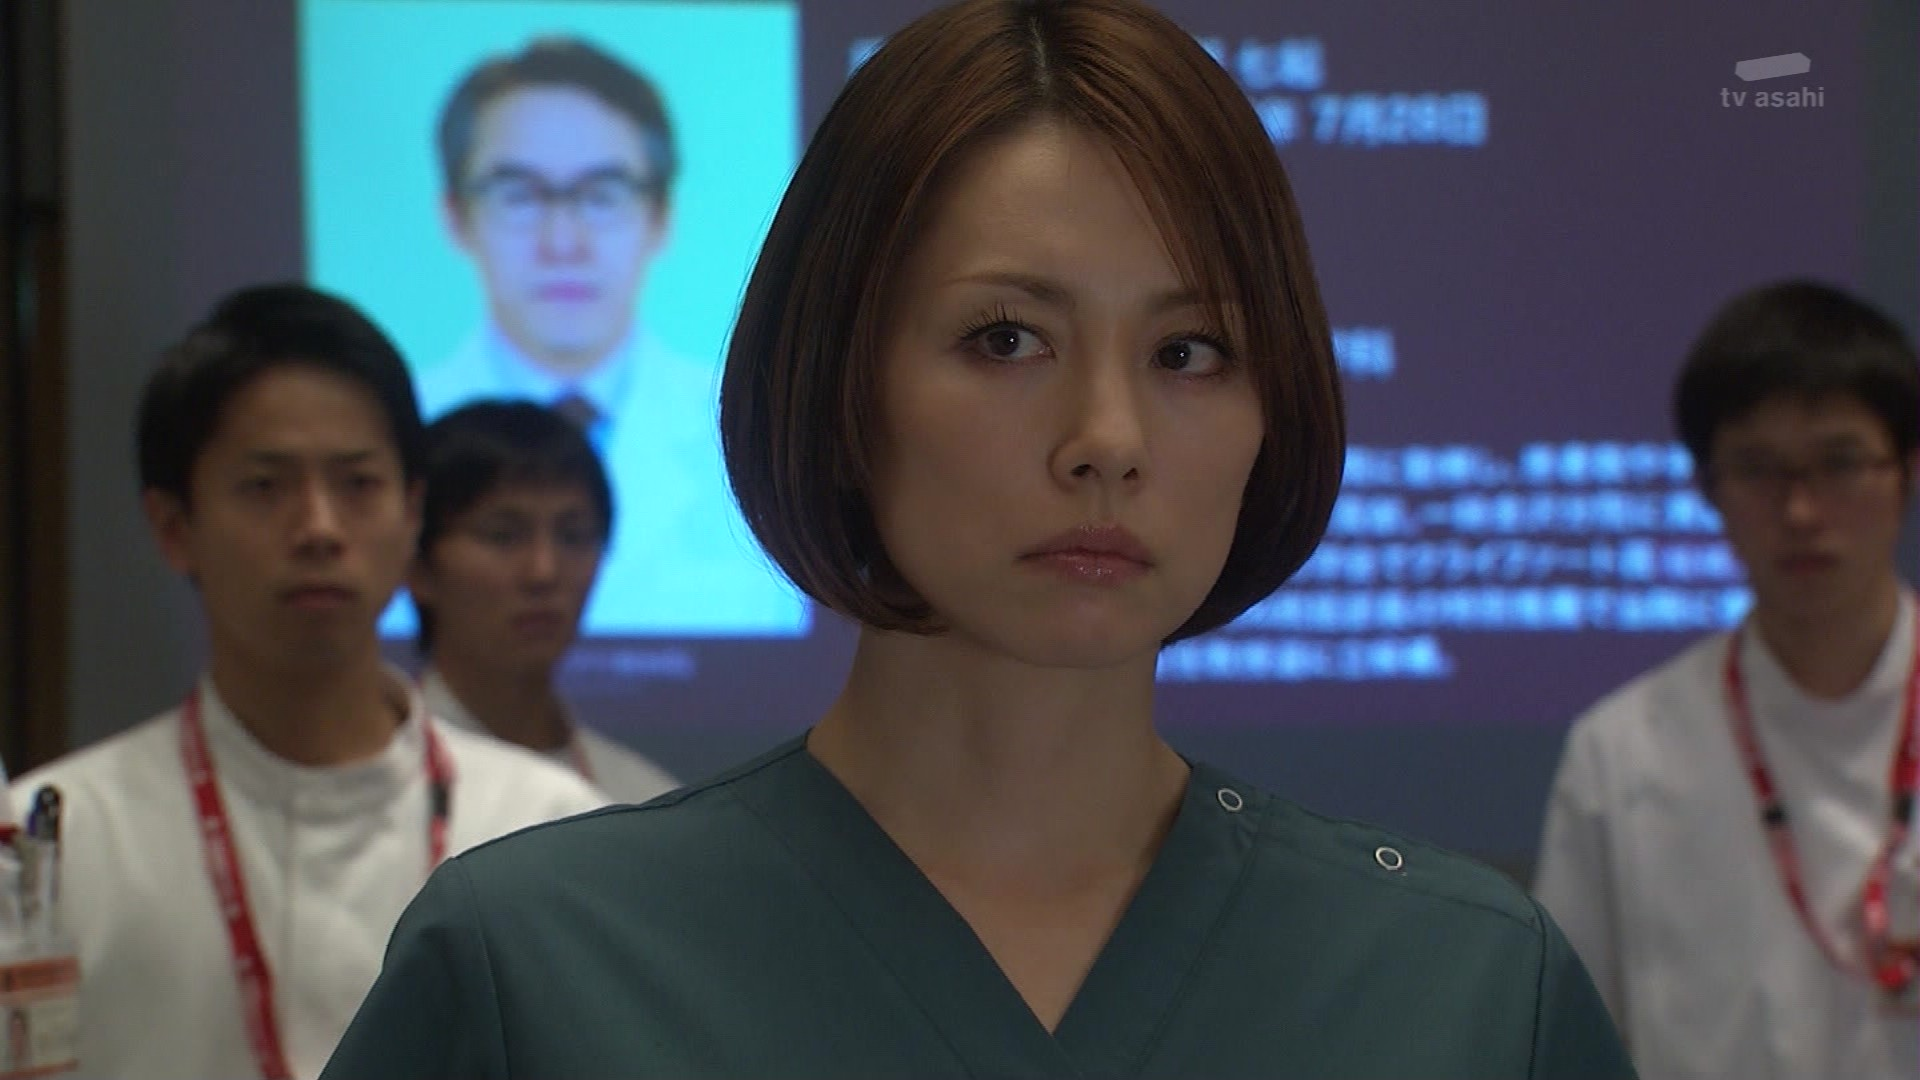 20131128-210717-902 あらすじ主任教授選を前に、内科の鷹野教授が金沢から連れて